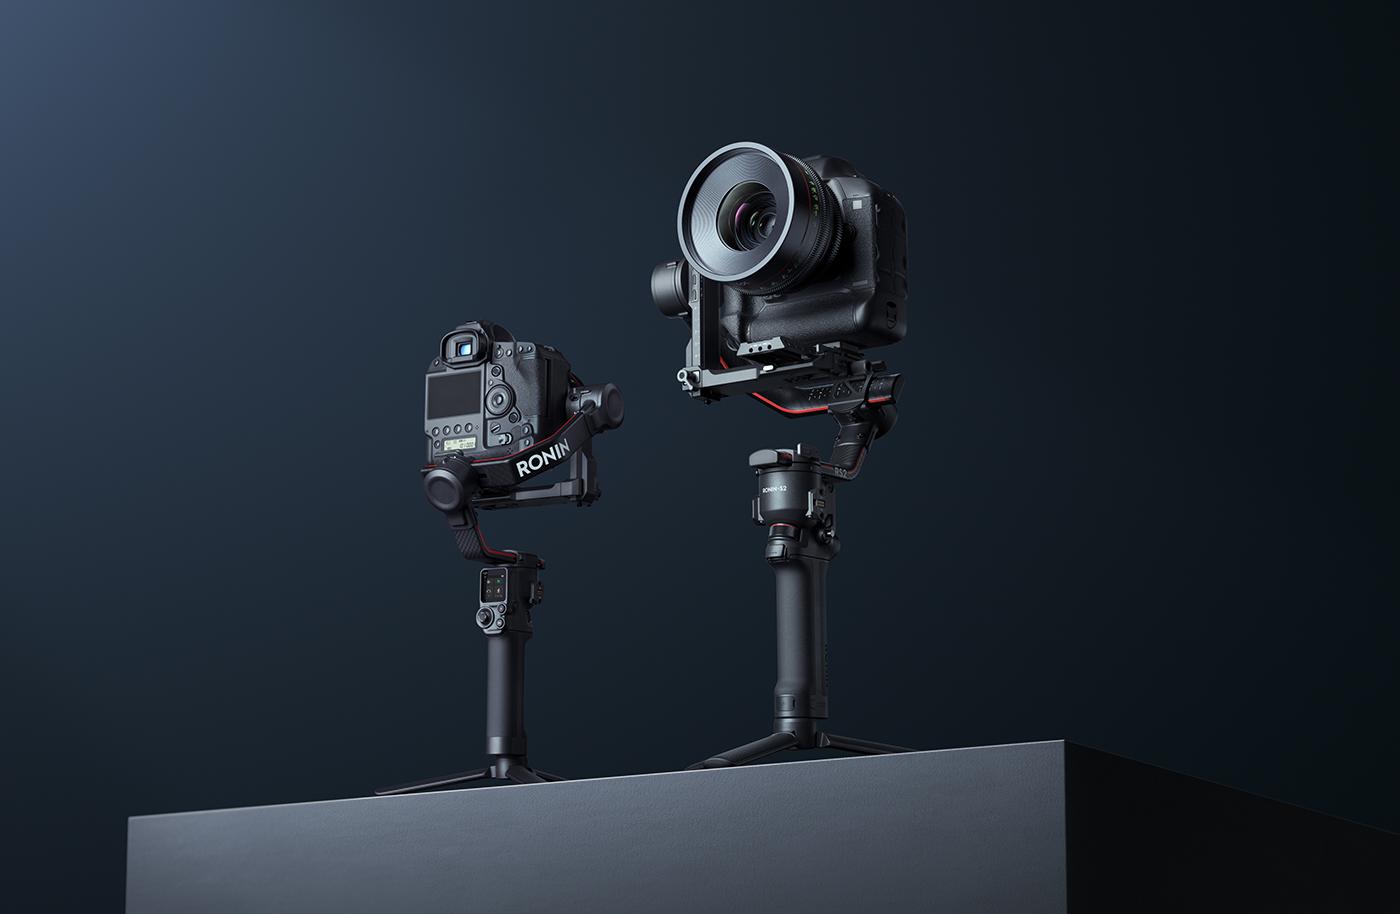 dji-rs-2-gimbal-stabilizacja-do-kamer-i-aparat%C3%B3w-05.jpg